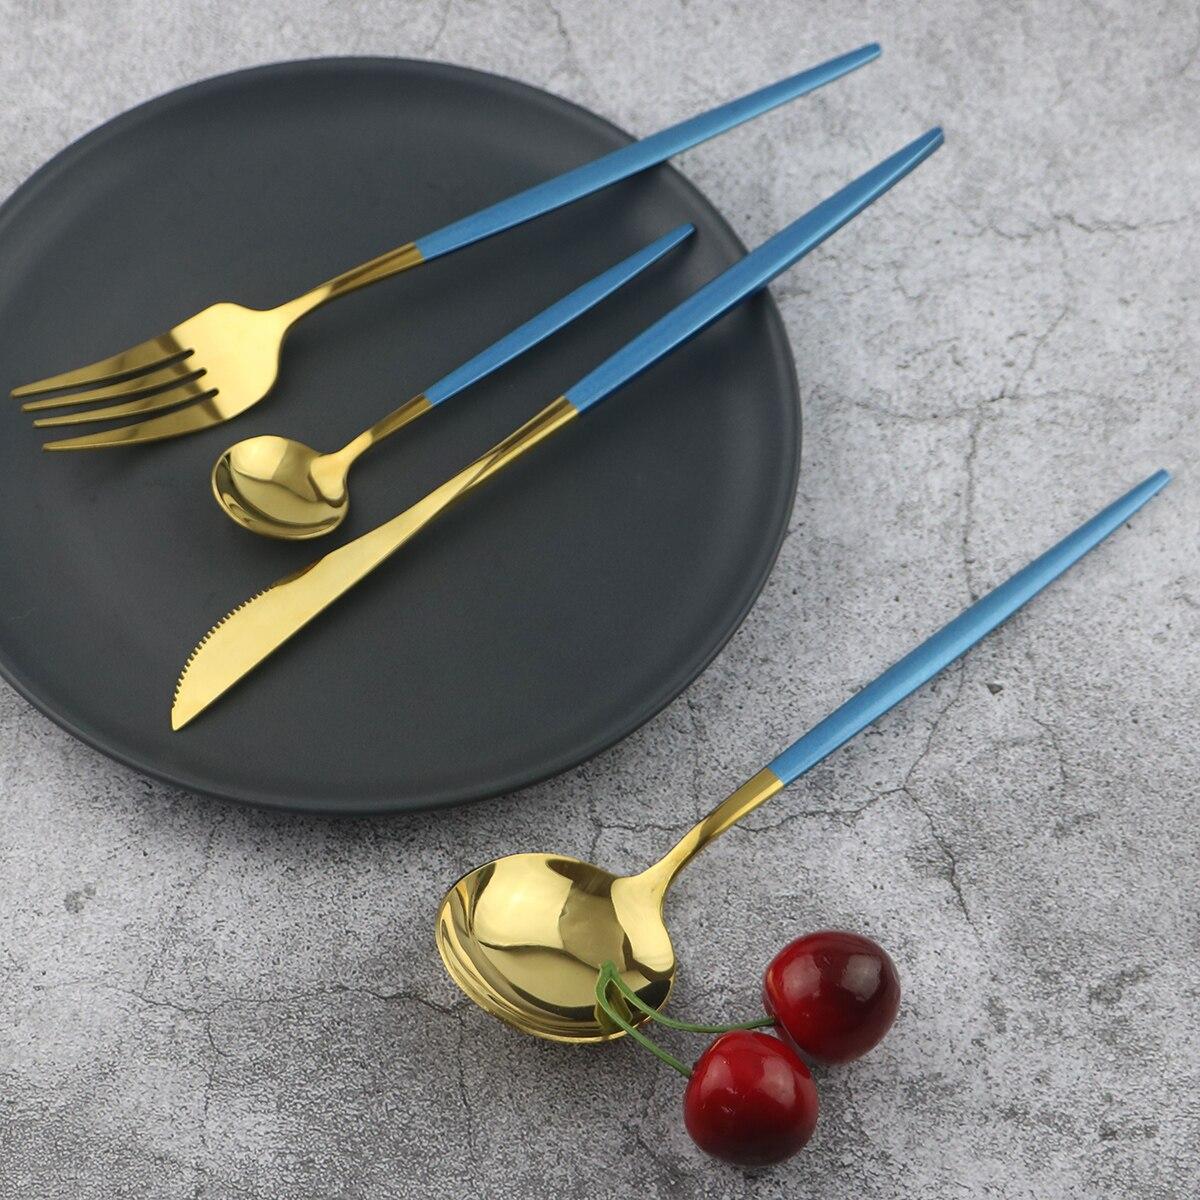 Juego de vajilla de cocina de alta calidad de color azul dorado, juego de cubiertos de acero inoxidable 18/10, juego de vajilla, tenedor para postre, cuchara para té, juego de platería Juegos de vajilla    - AliExpress